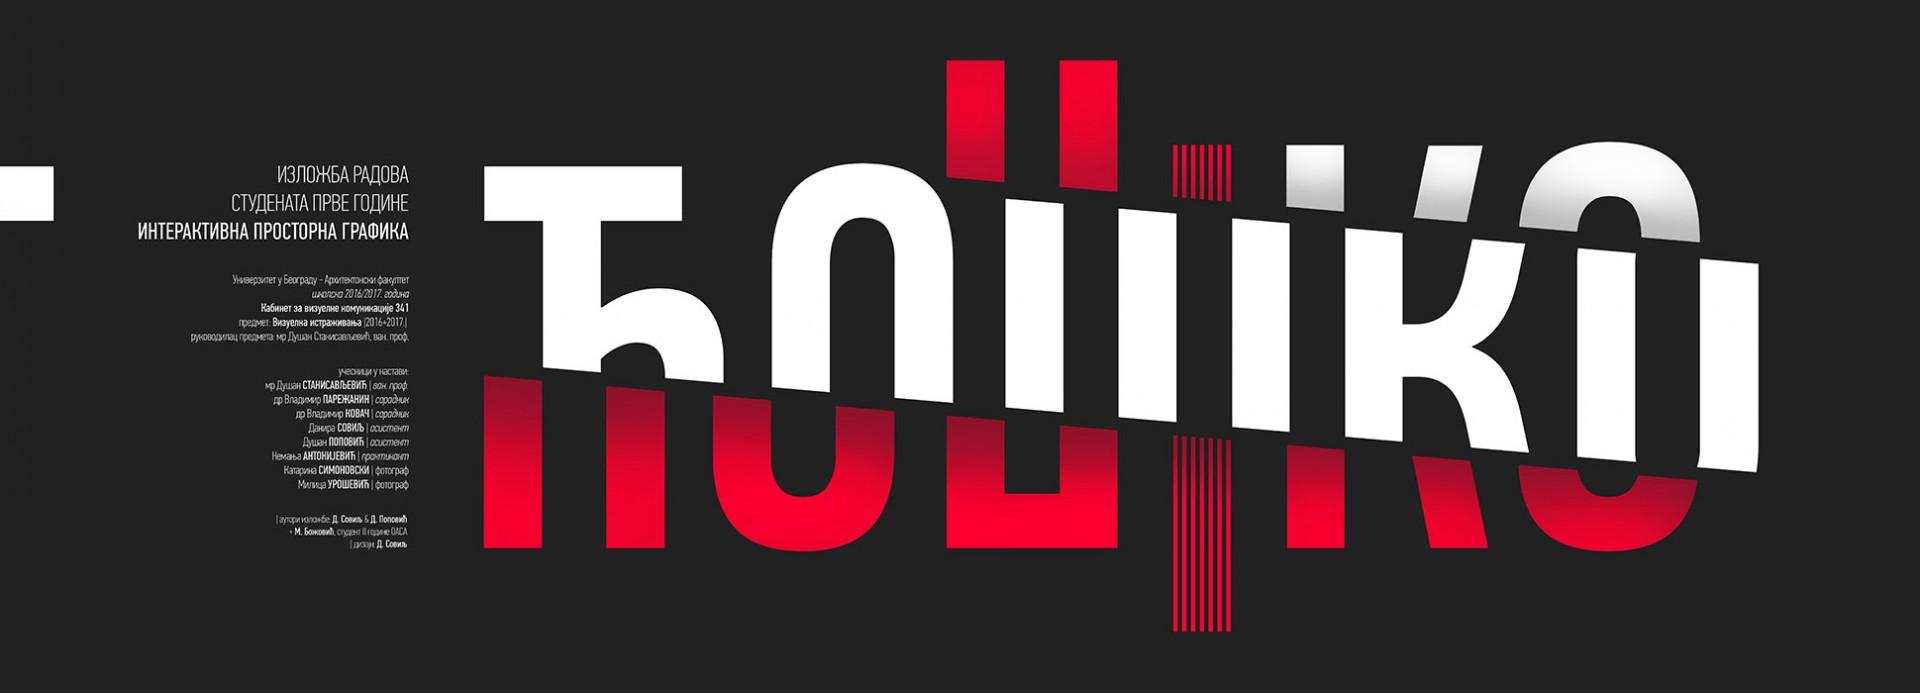 """Изложба: """"Ћошко"""" – Интерактивна просторна графика у Галерији ГрАФ"""